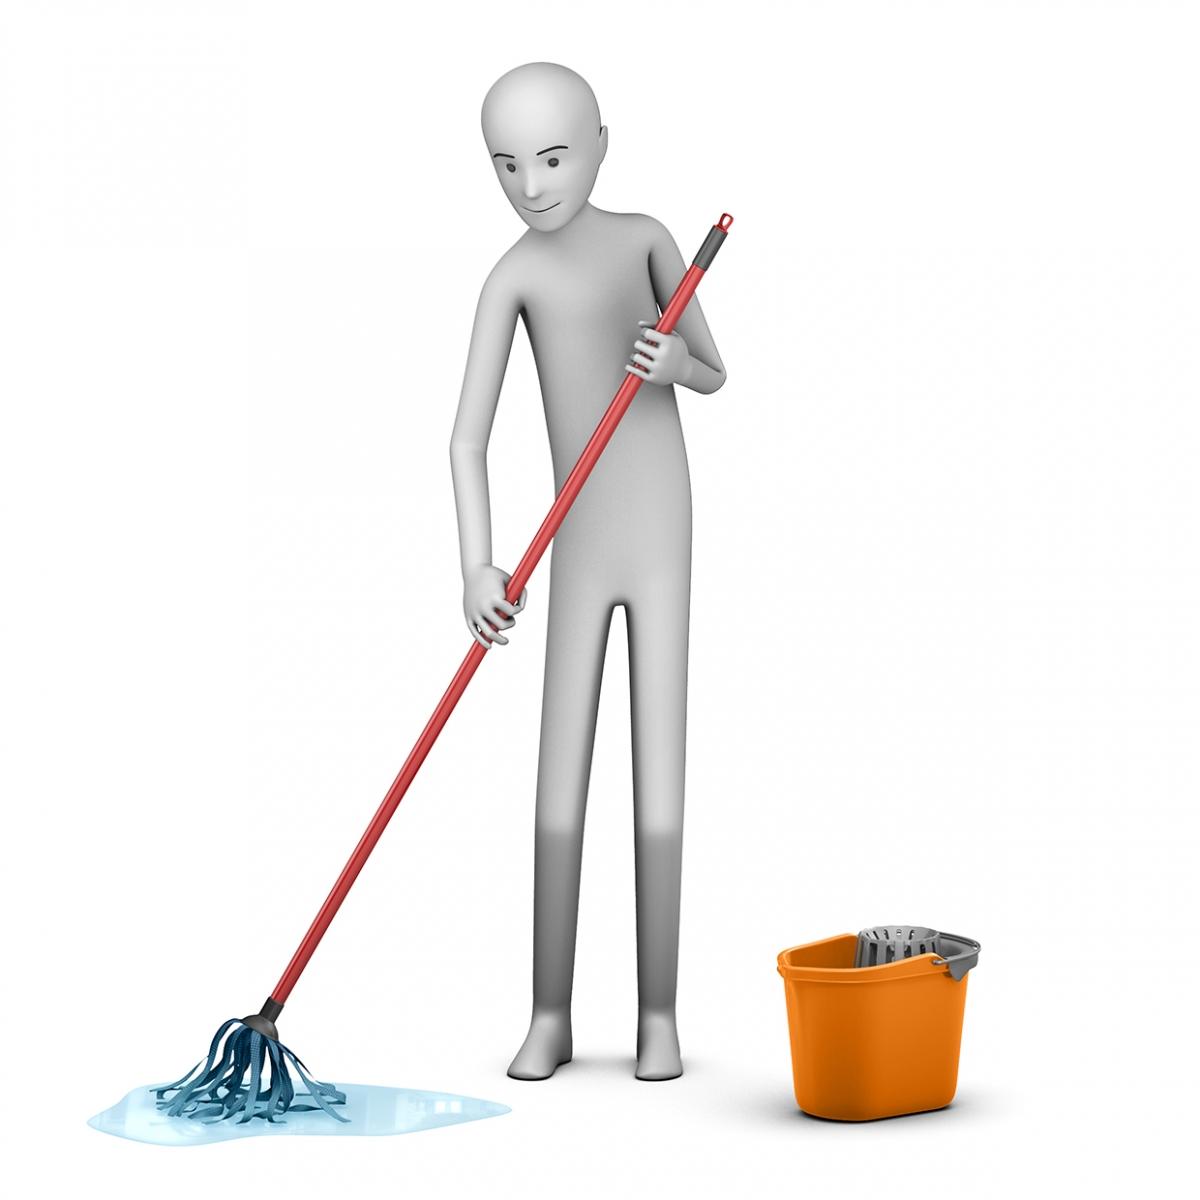 Imagen en la que aparece una persona fregando el suelo